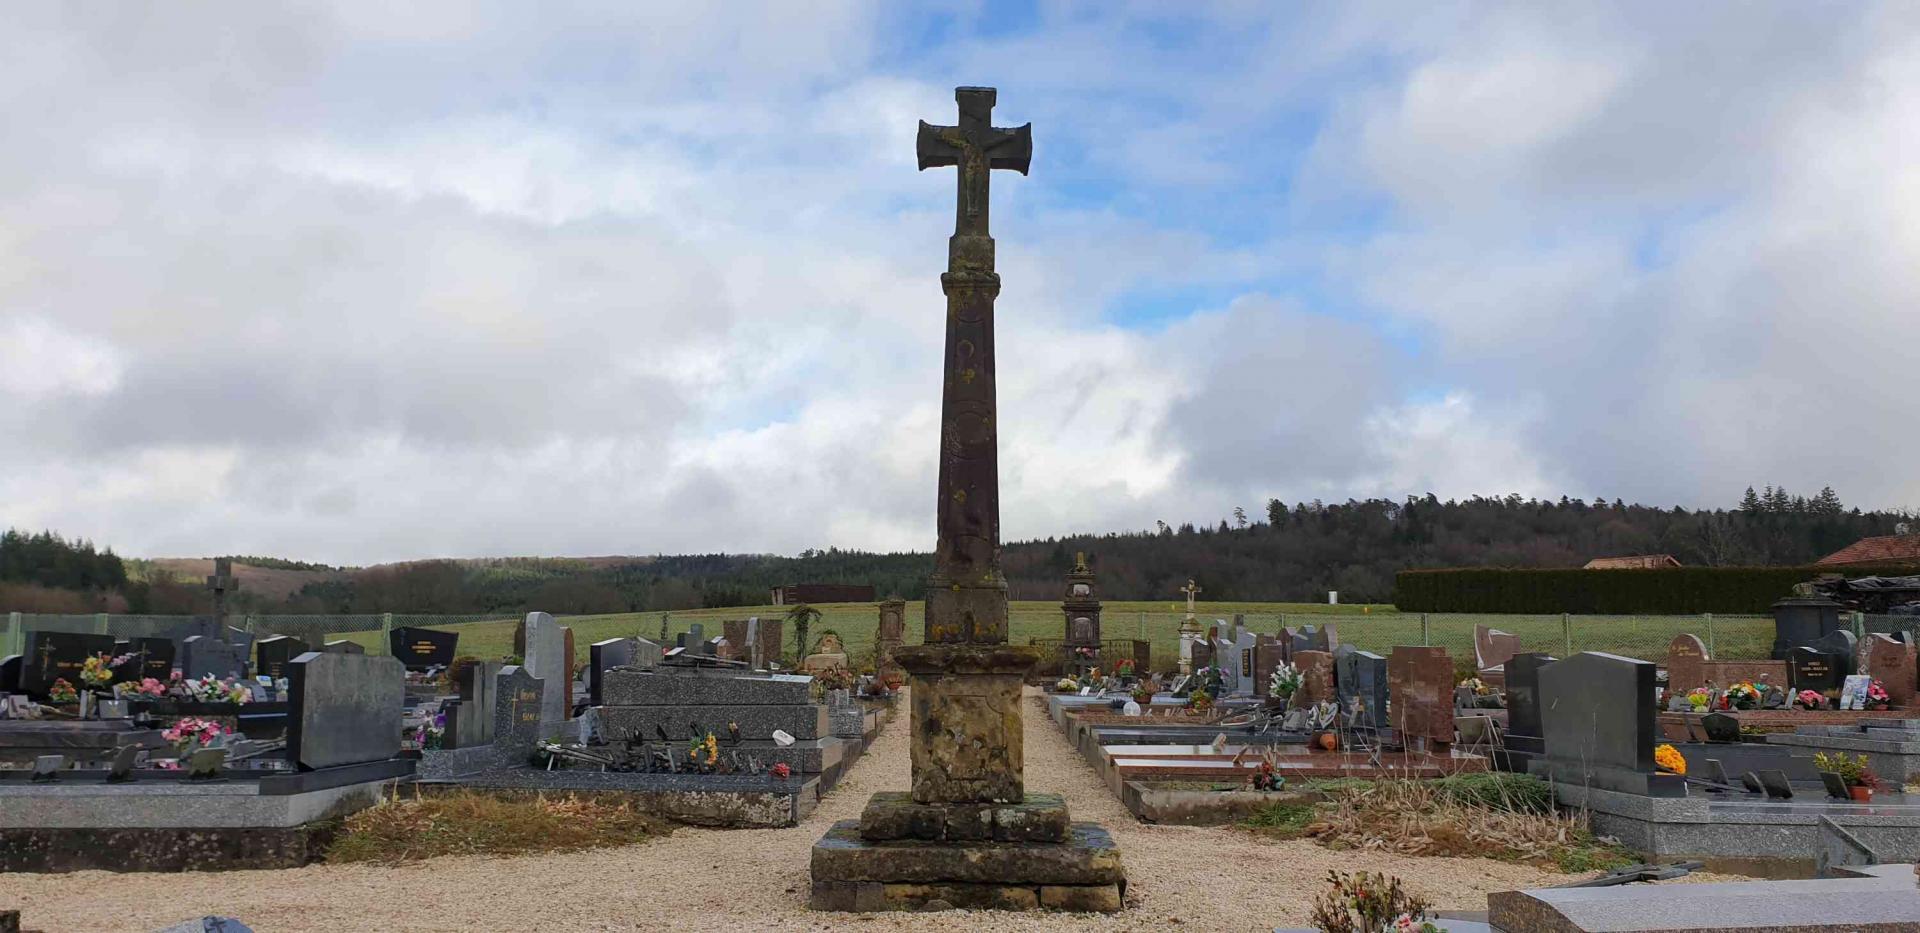 Croix de cimetiere 7